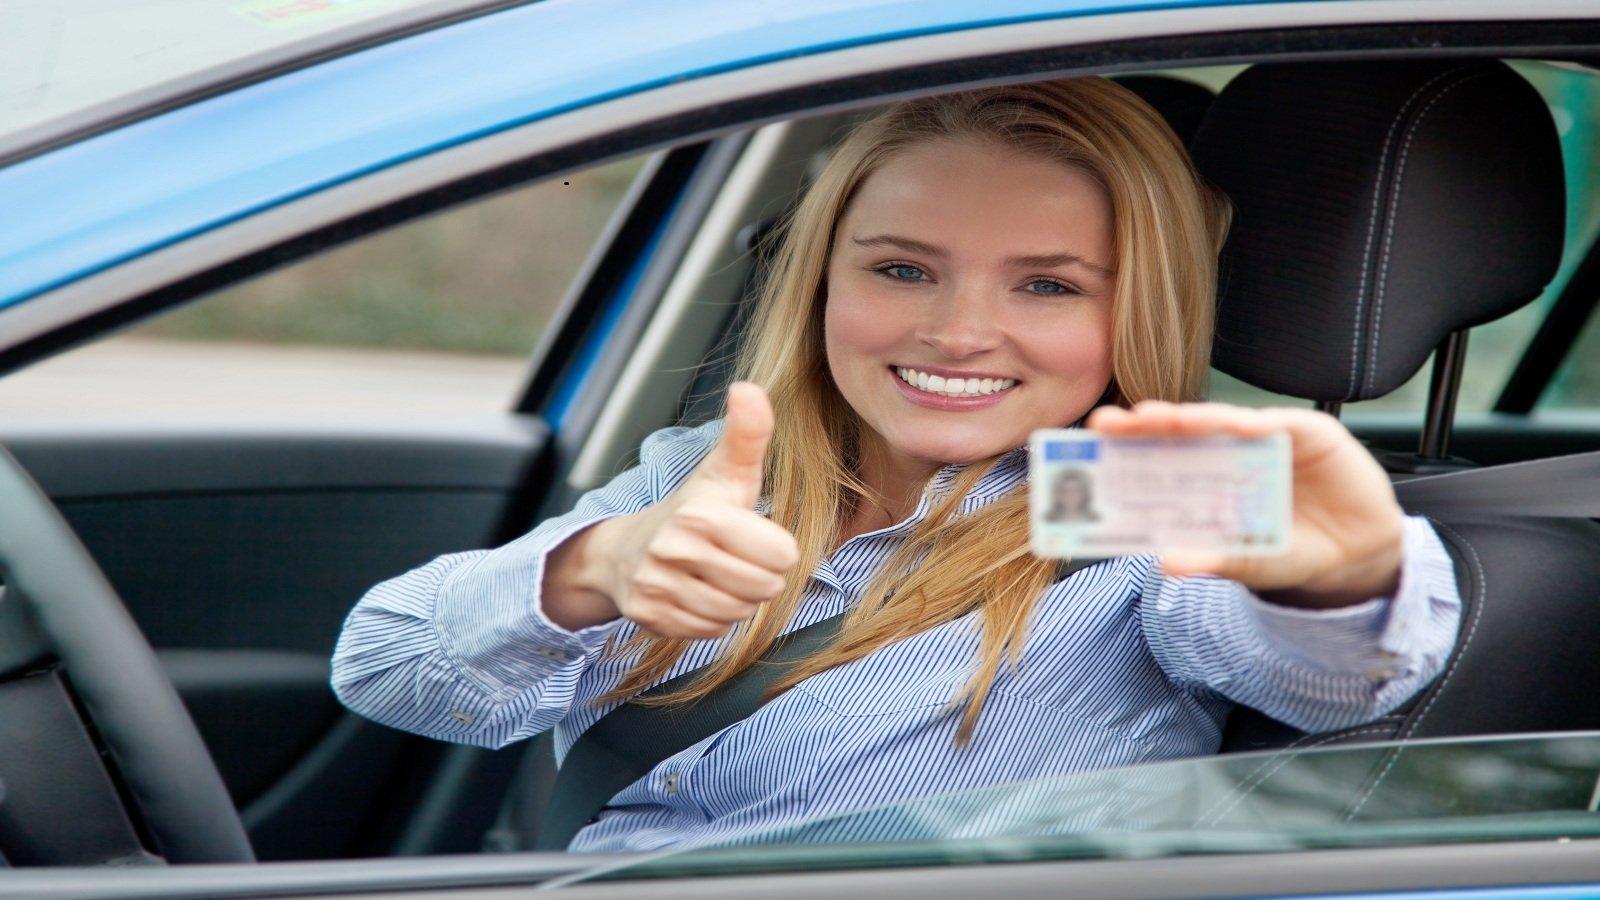 una ragazza in macchina con il pollice in su mentre mostra la patente